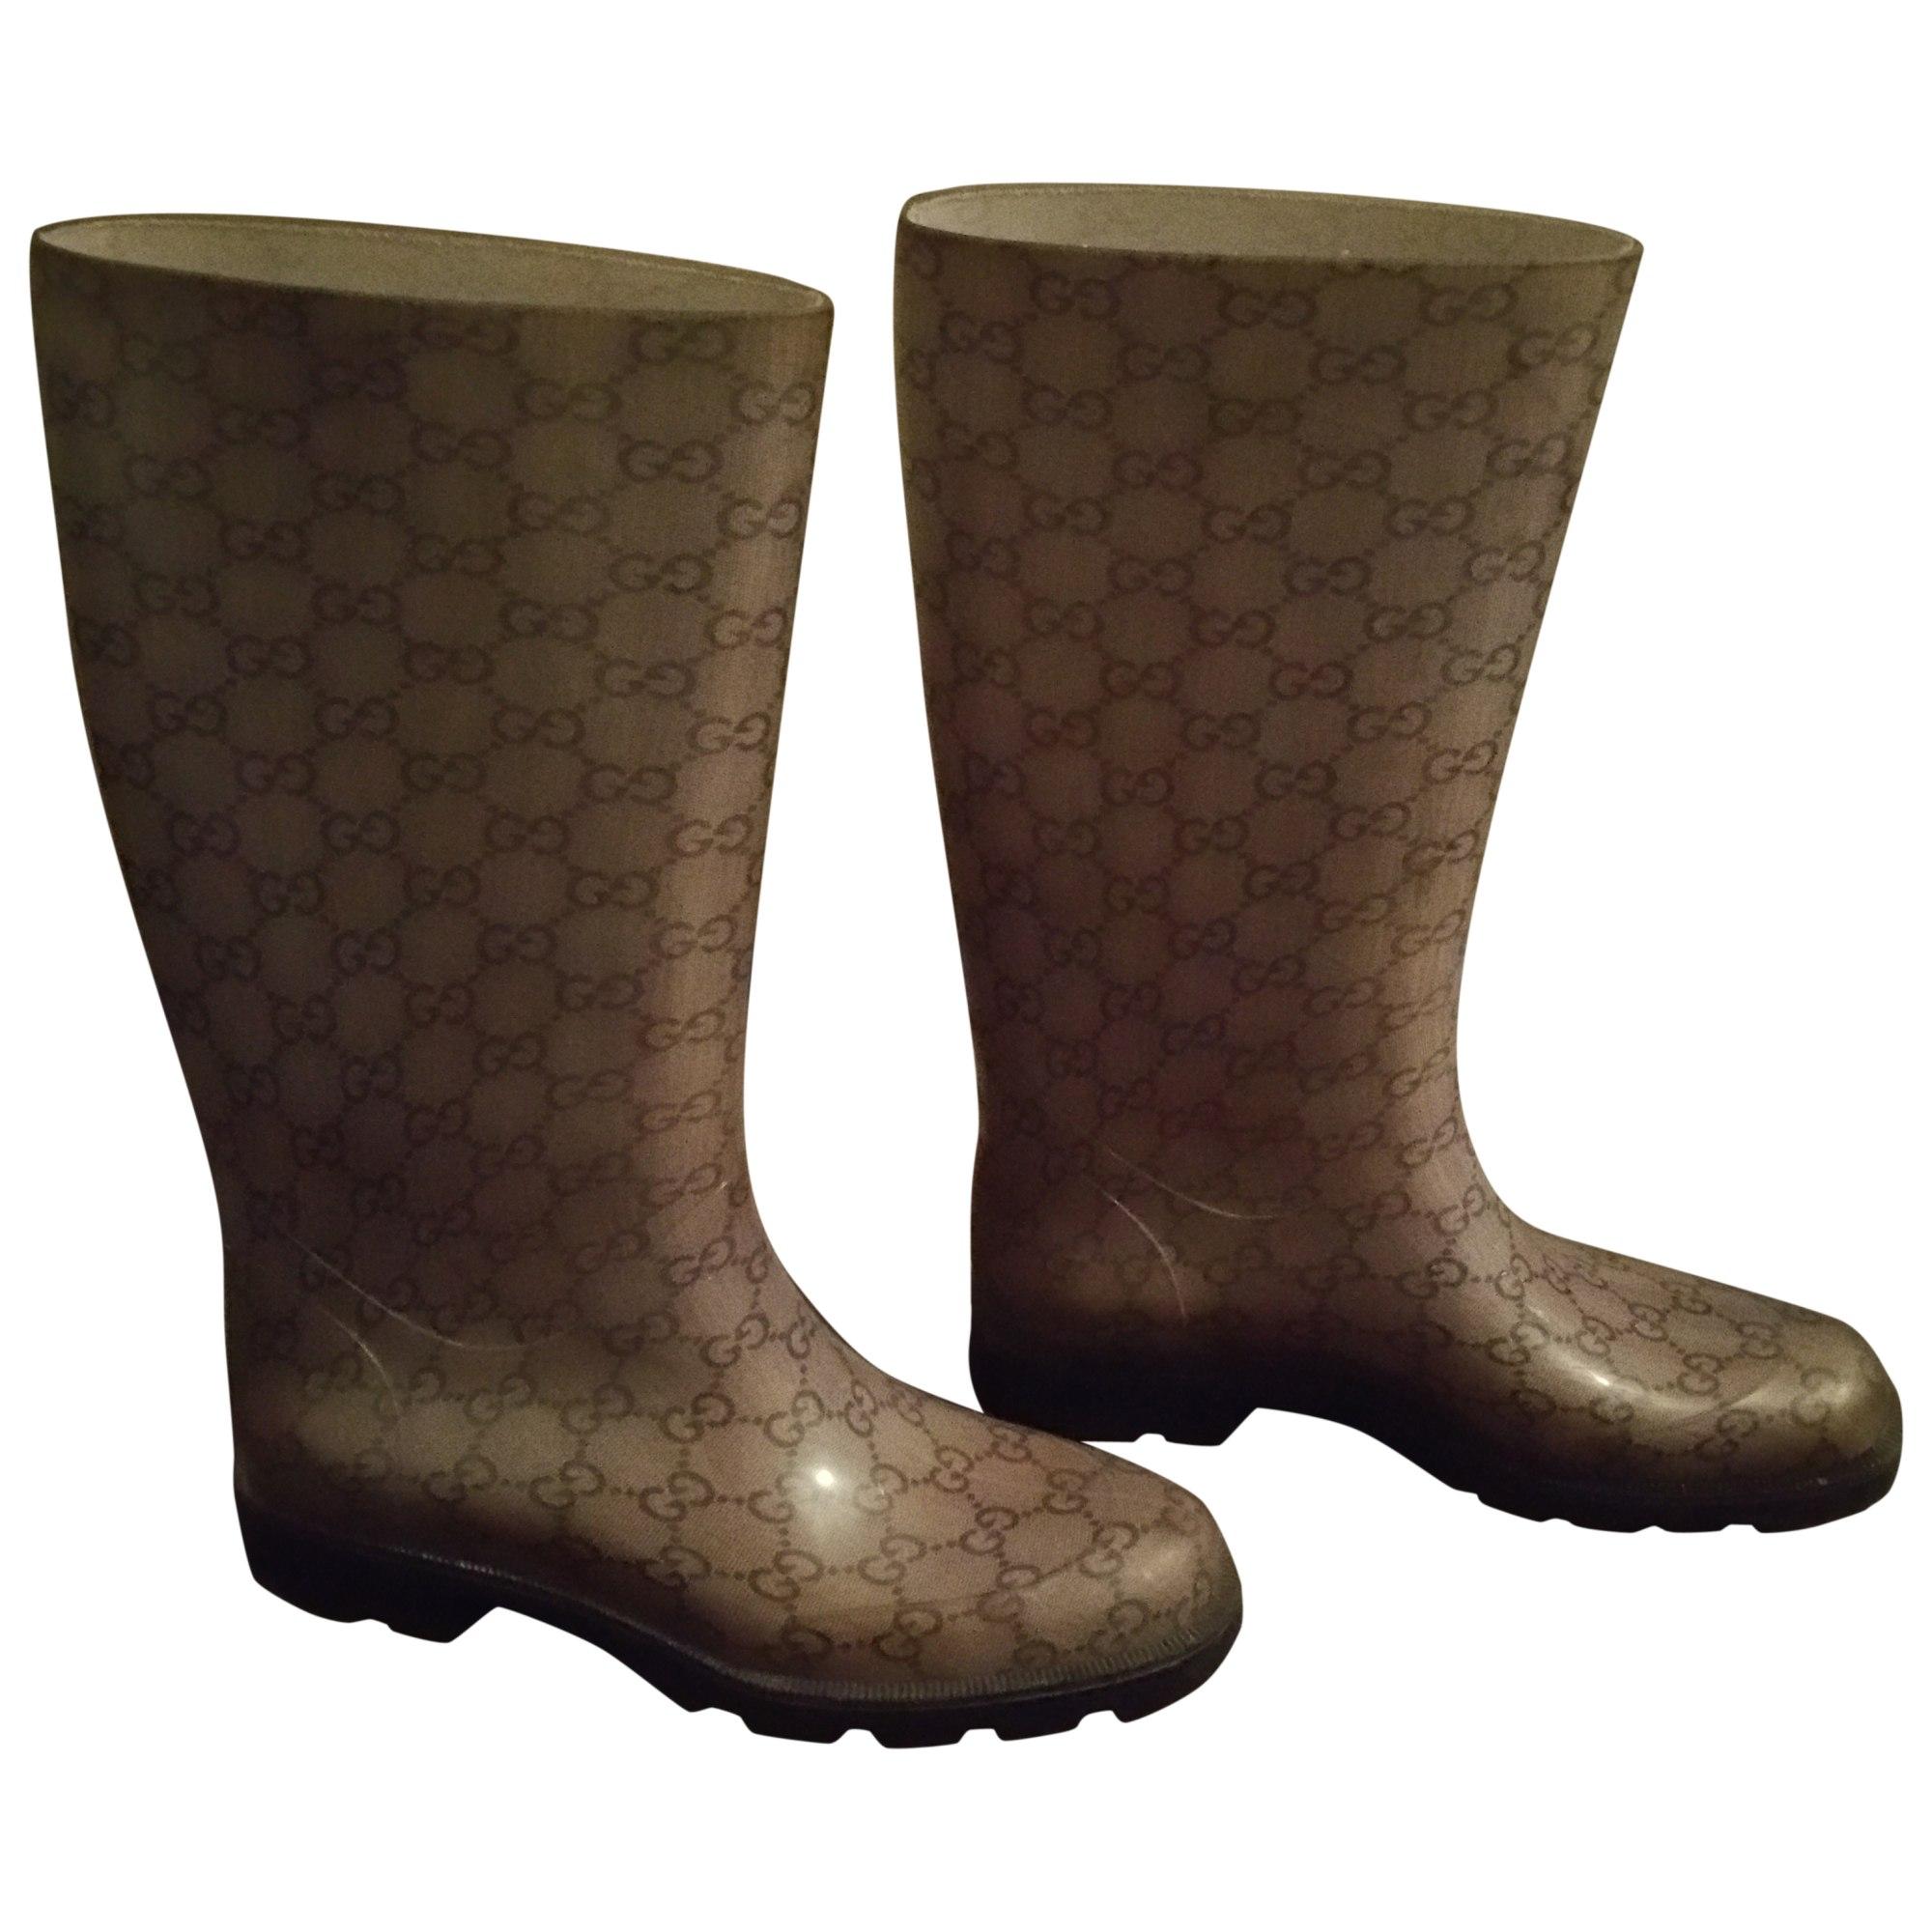 botte gucci de pluie Avis en ligne ad5eaf515a8